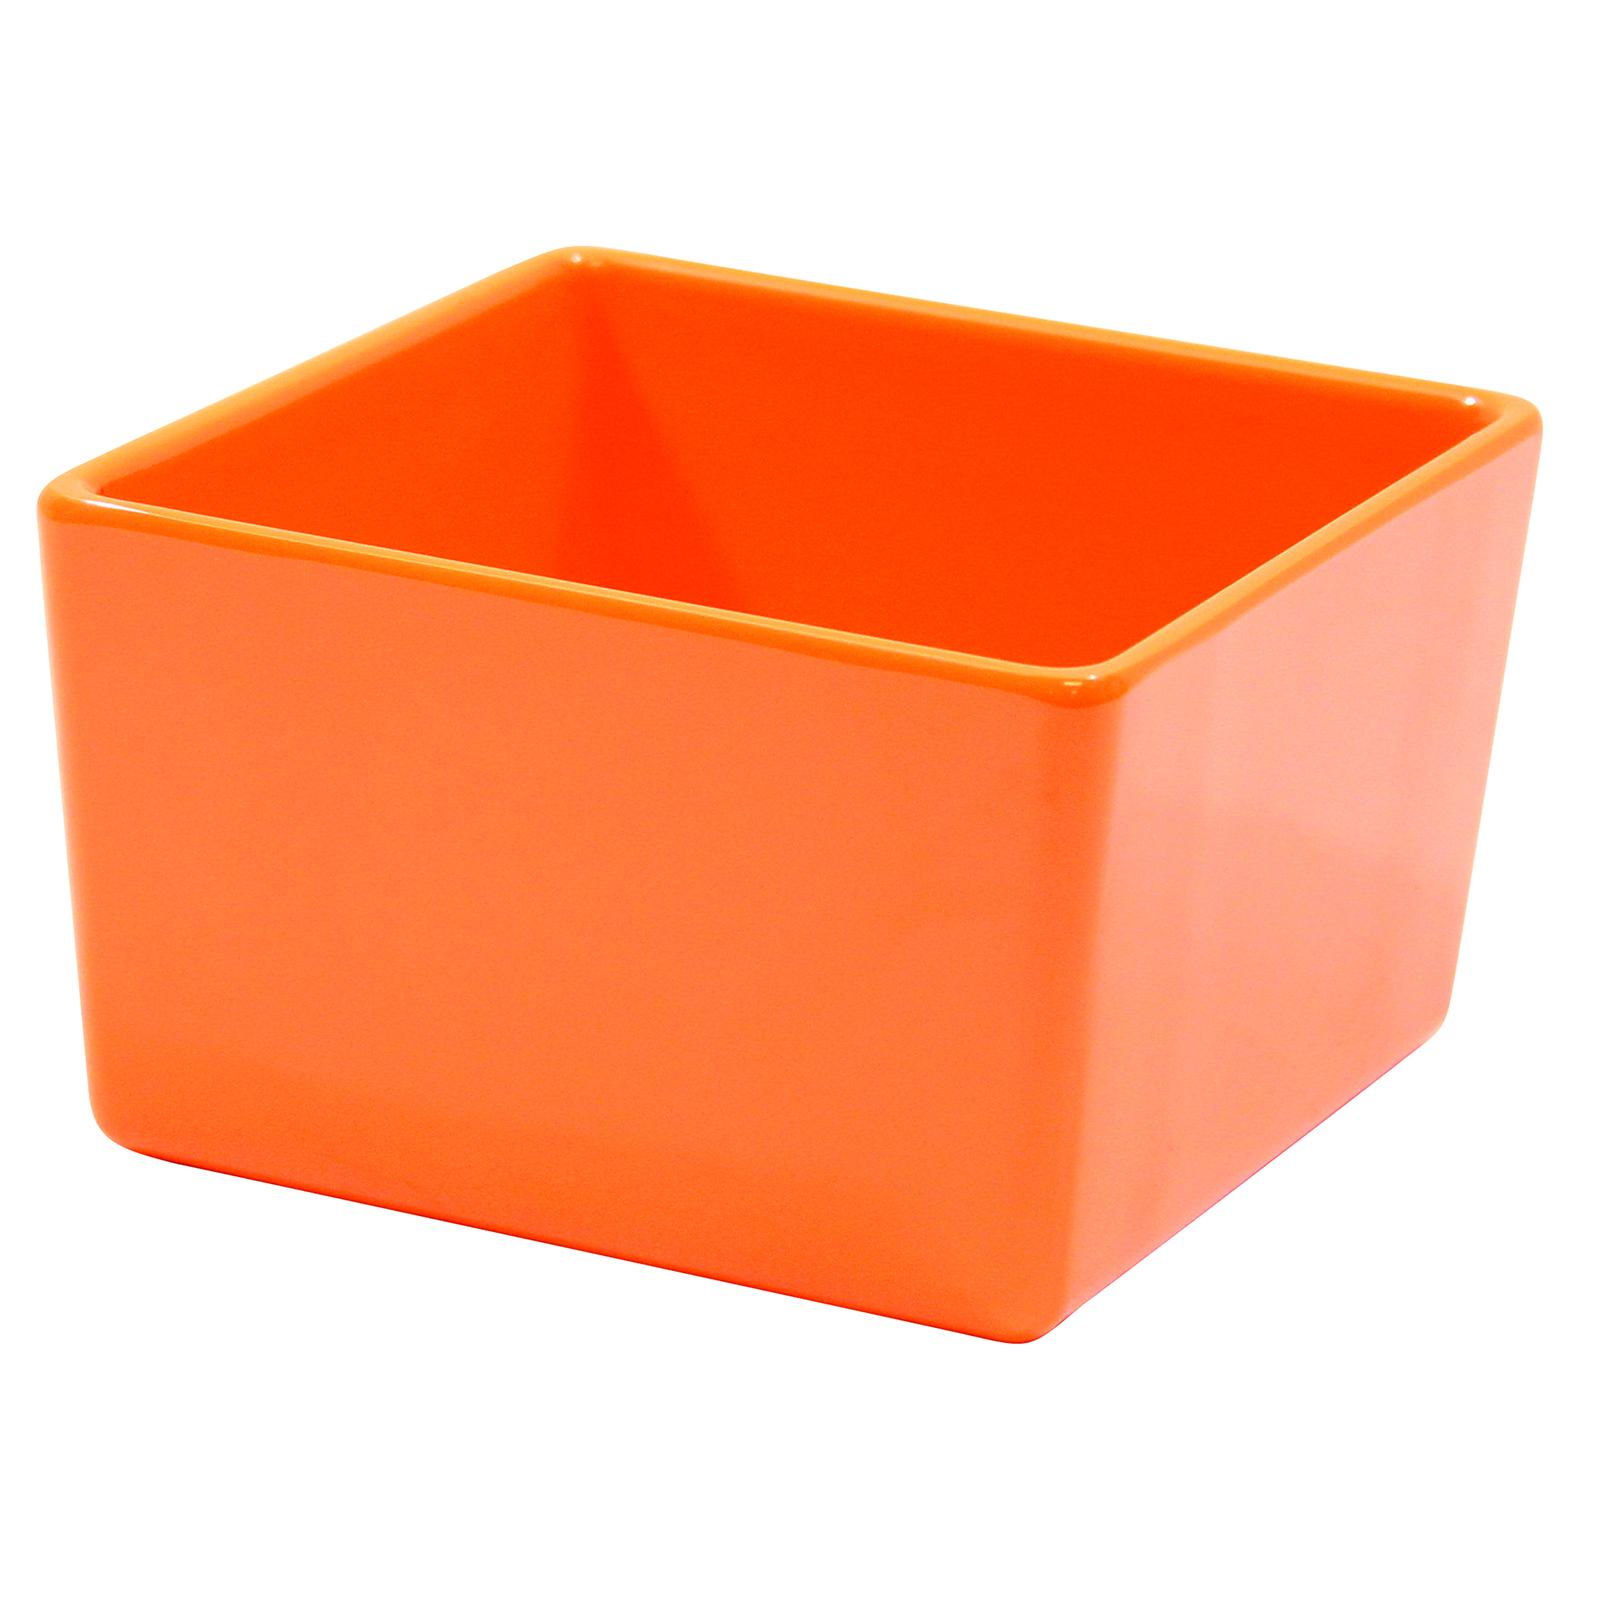 TableCraft Products M4024X bowl, plastic,  1 - 2 qt (32 - 95 oz)